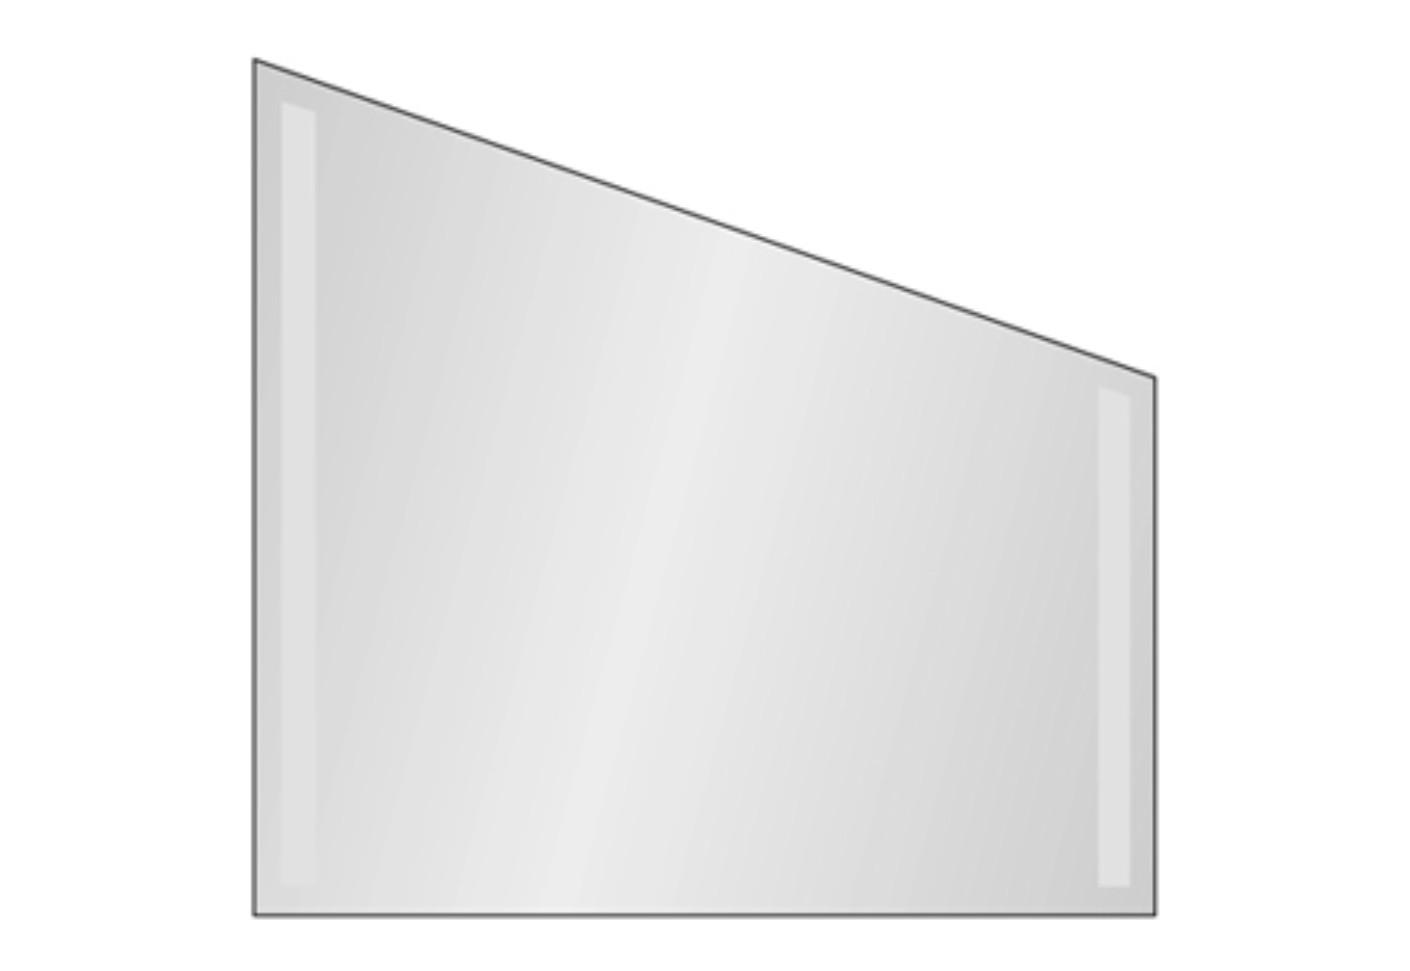 Dachschrägen-Spiegel von Minetti | STYLEPARK